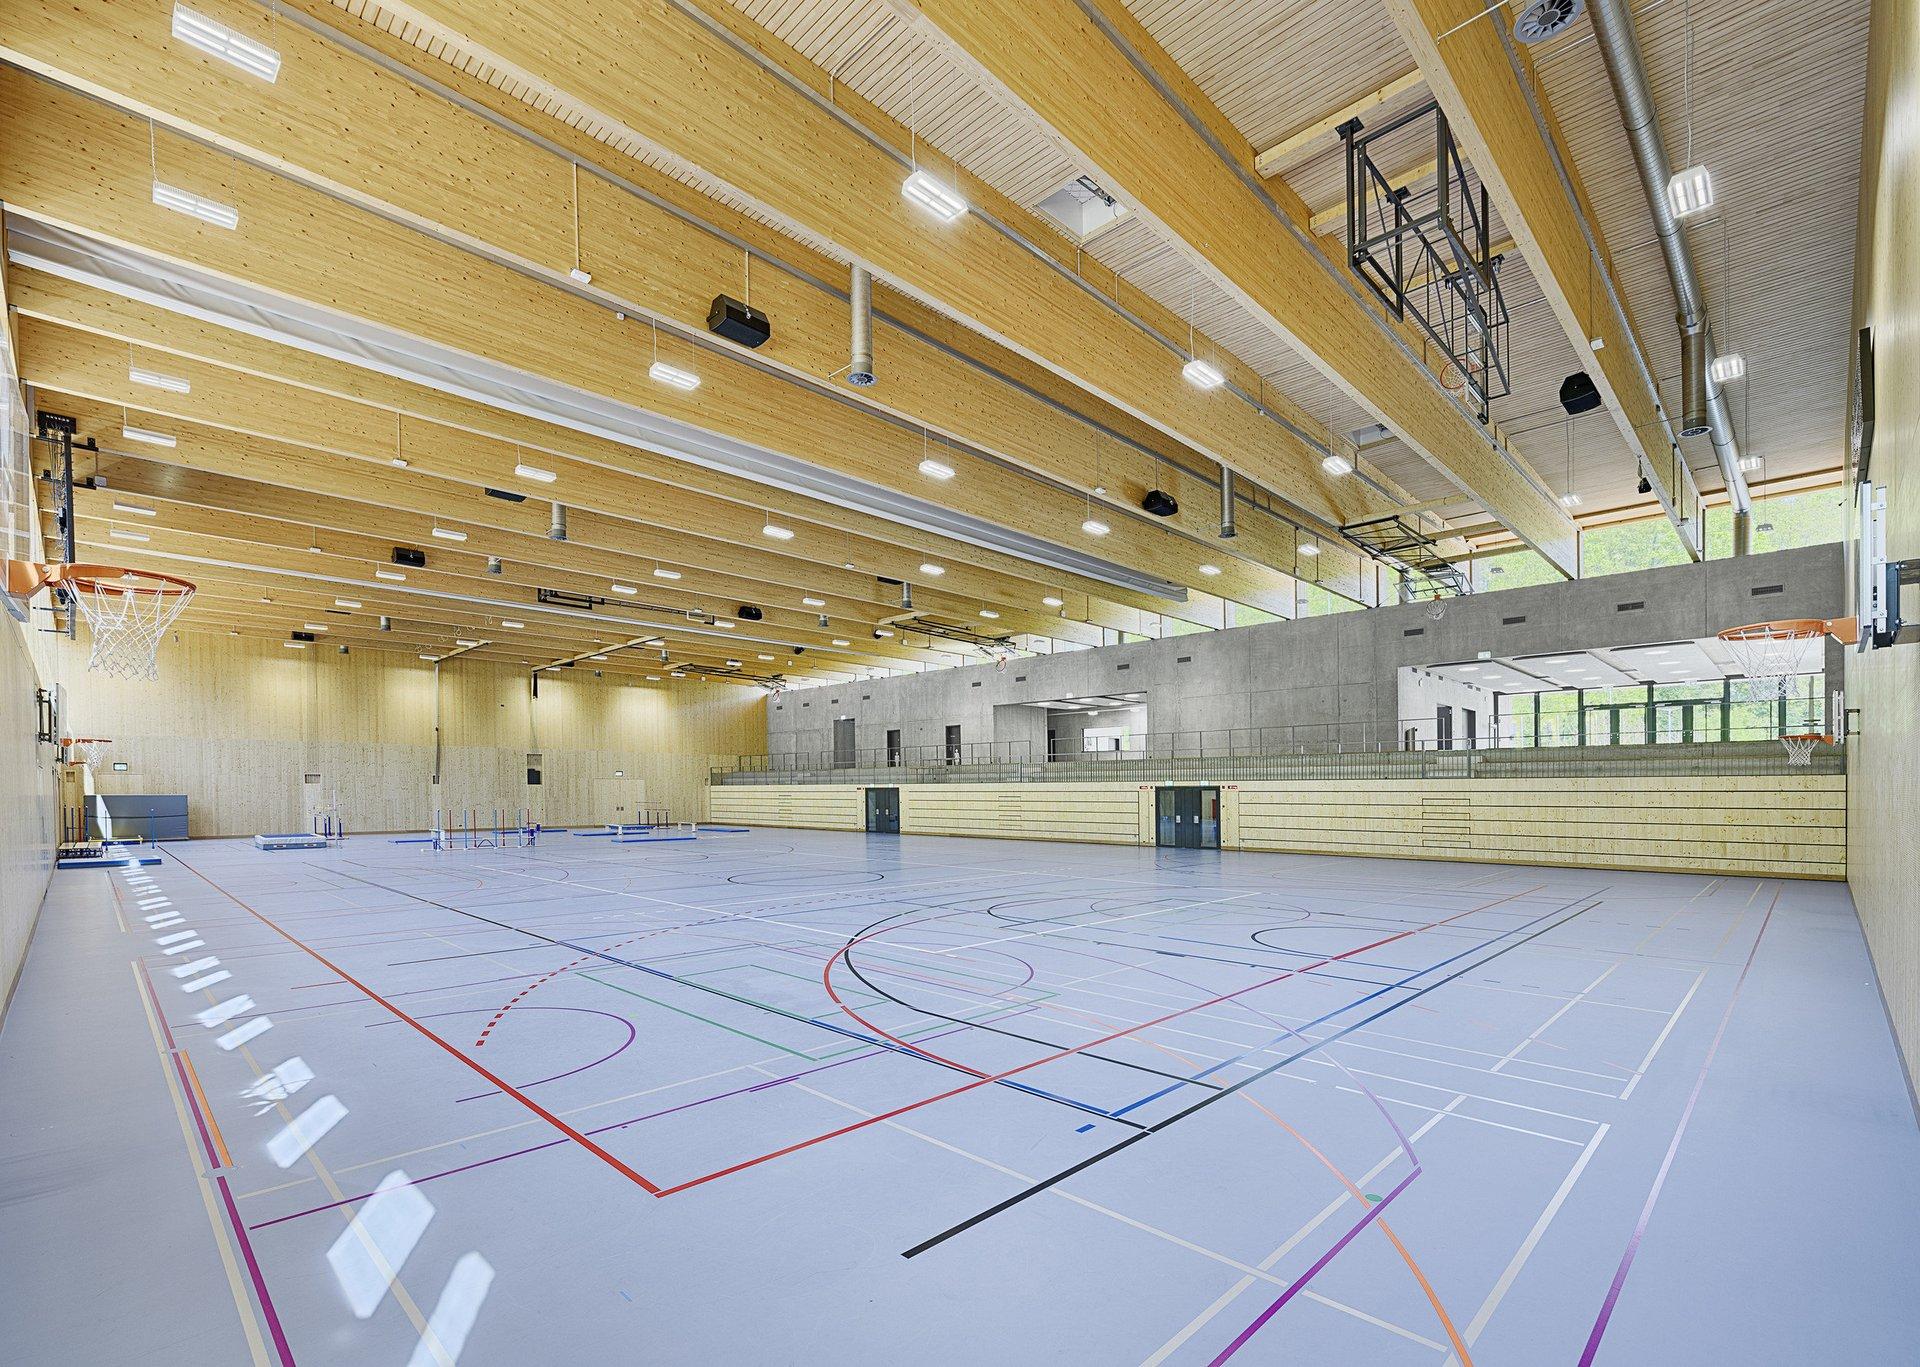 3-fach Sporthalle mit Sicht auf Tribüne